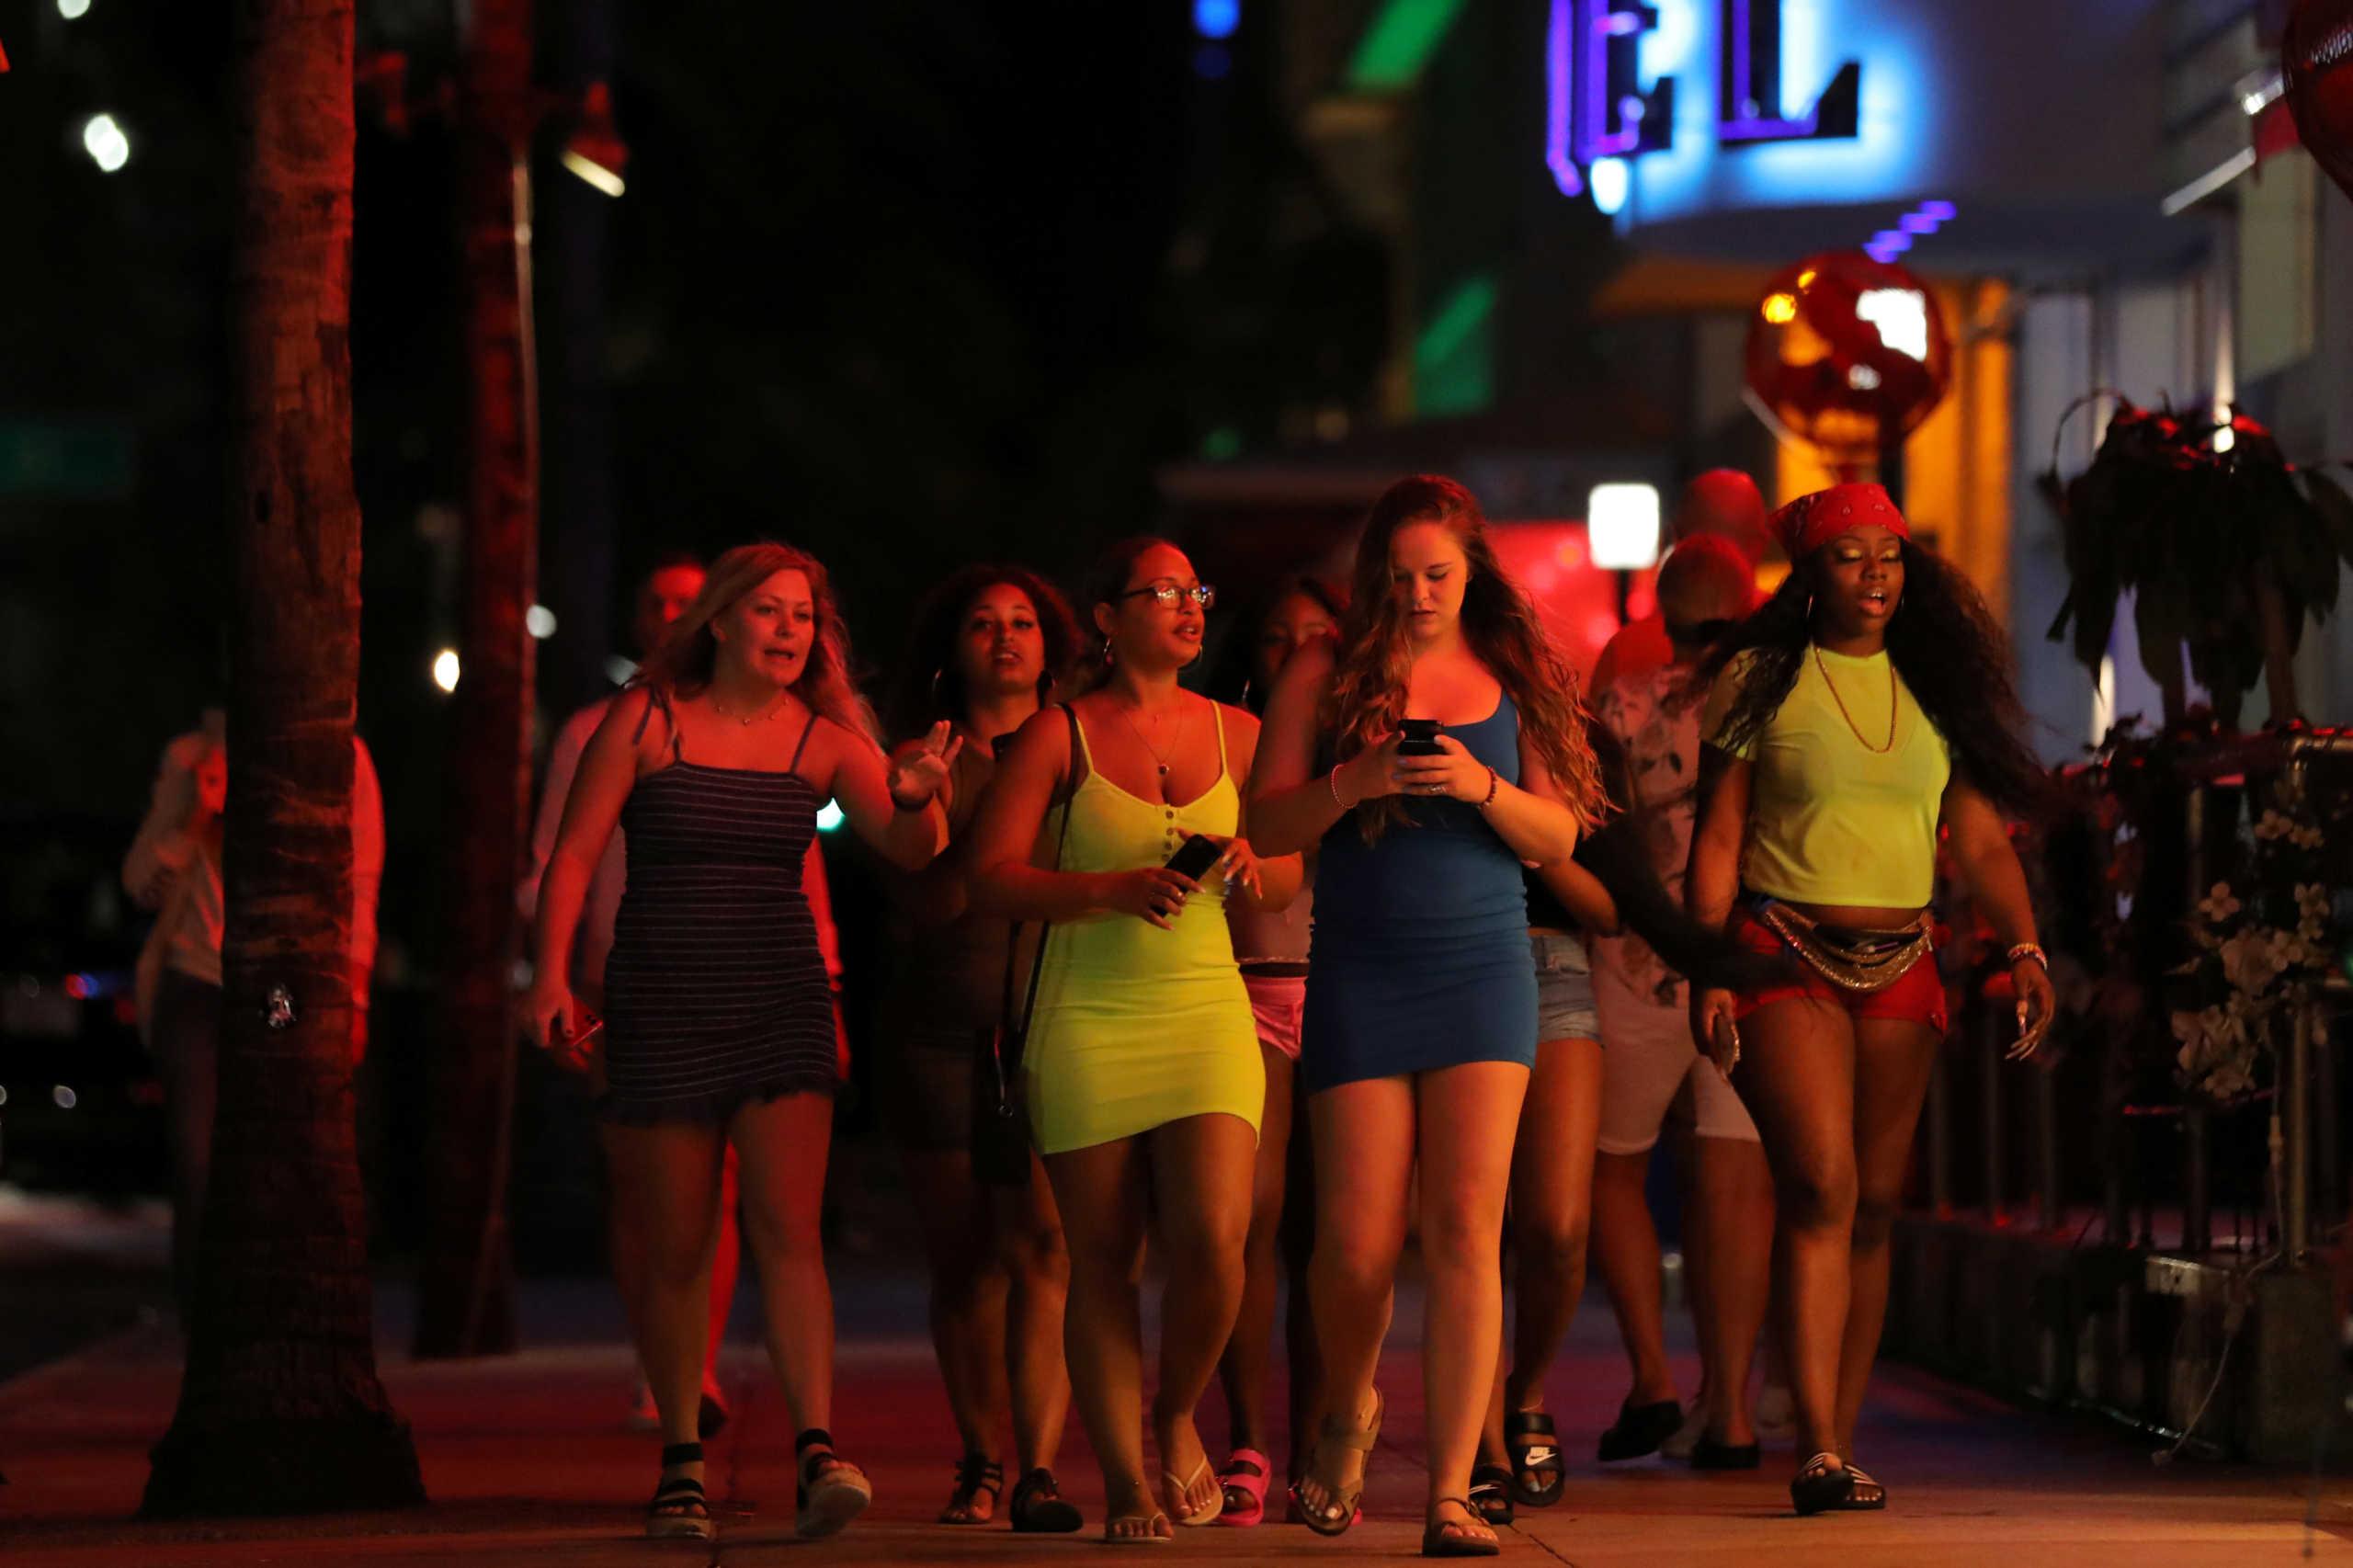 """Λουκέτο σε κέντρο διασκέδασης στην Πάρο για υπεράριθμους πελάτες – """"Καμπάνες"""" σε beach bar της Μυκόνου"""